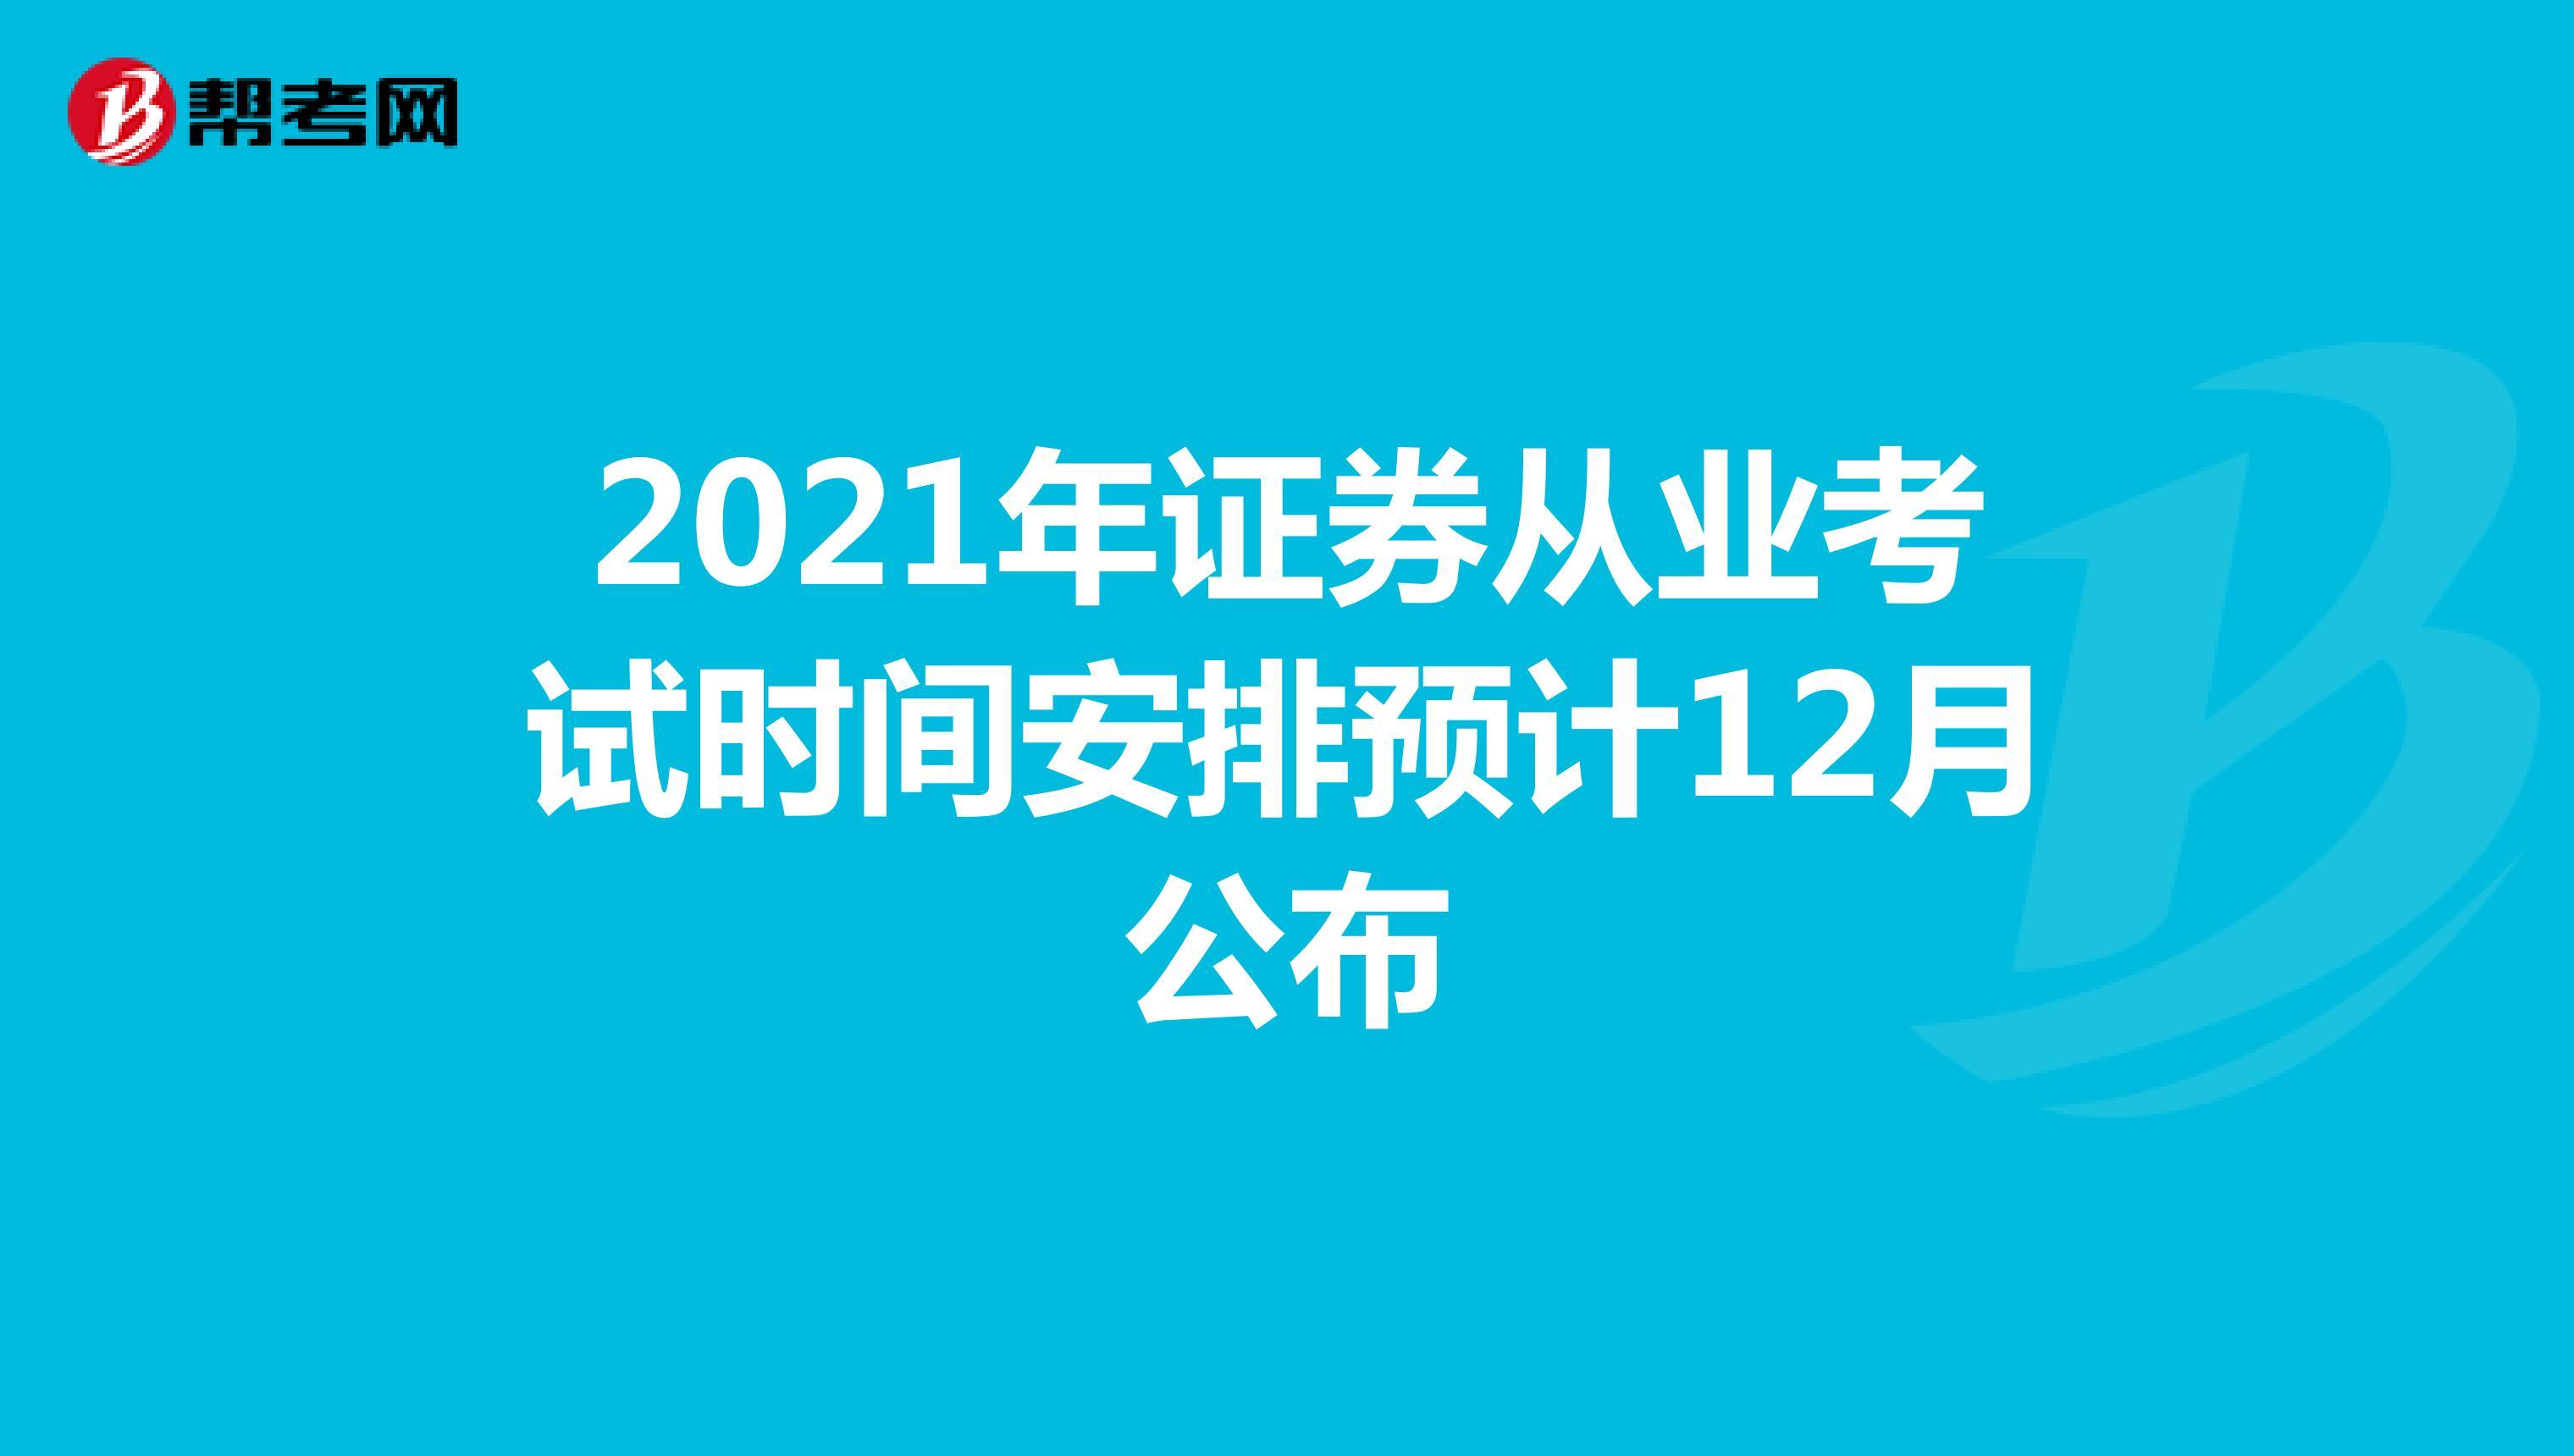 2021年證券從業考試時間安排預計12月公布